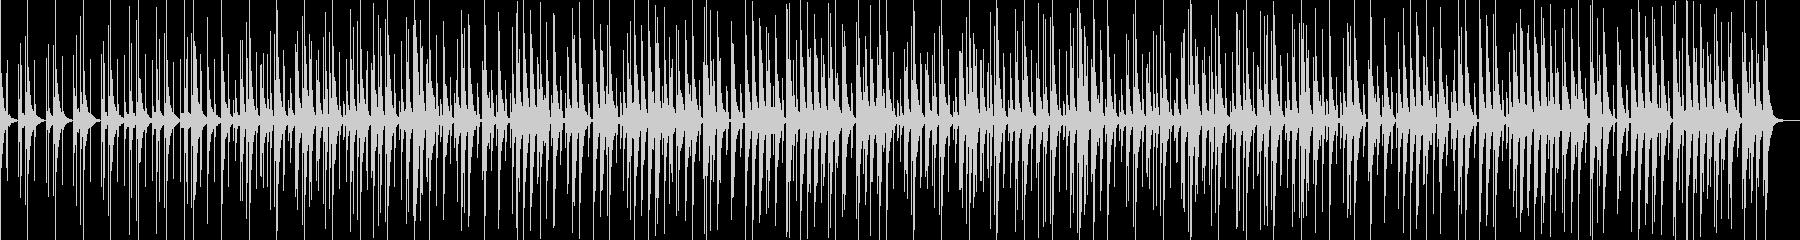 ほのぼの楽しいおしゃれでかわいい曲02の未再生の波形